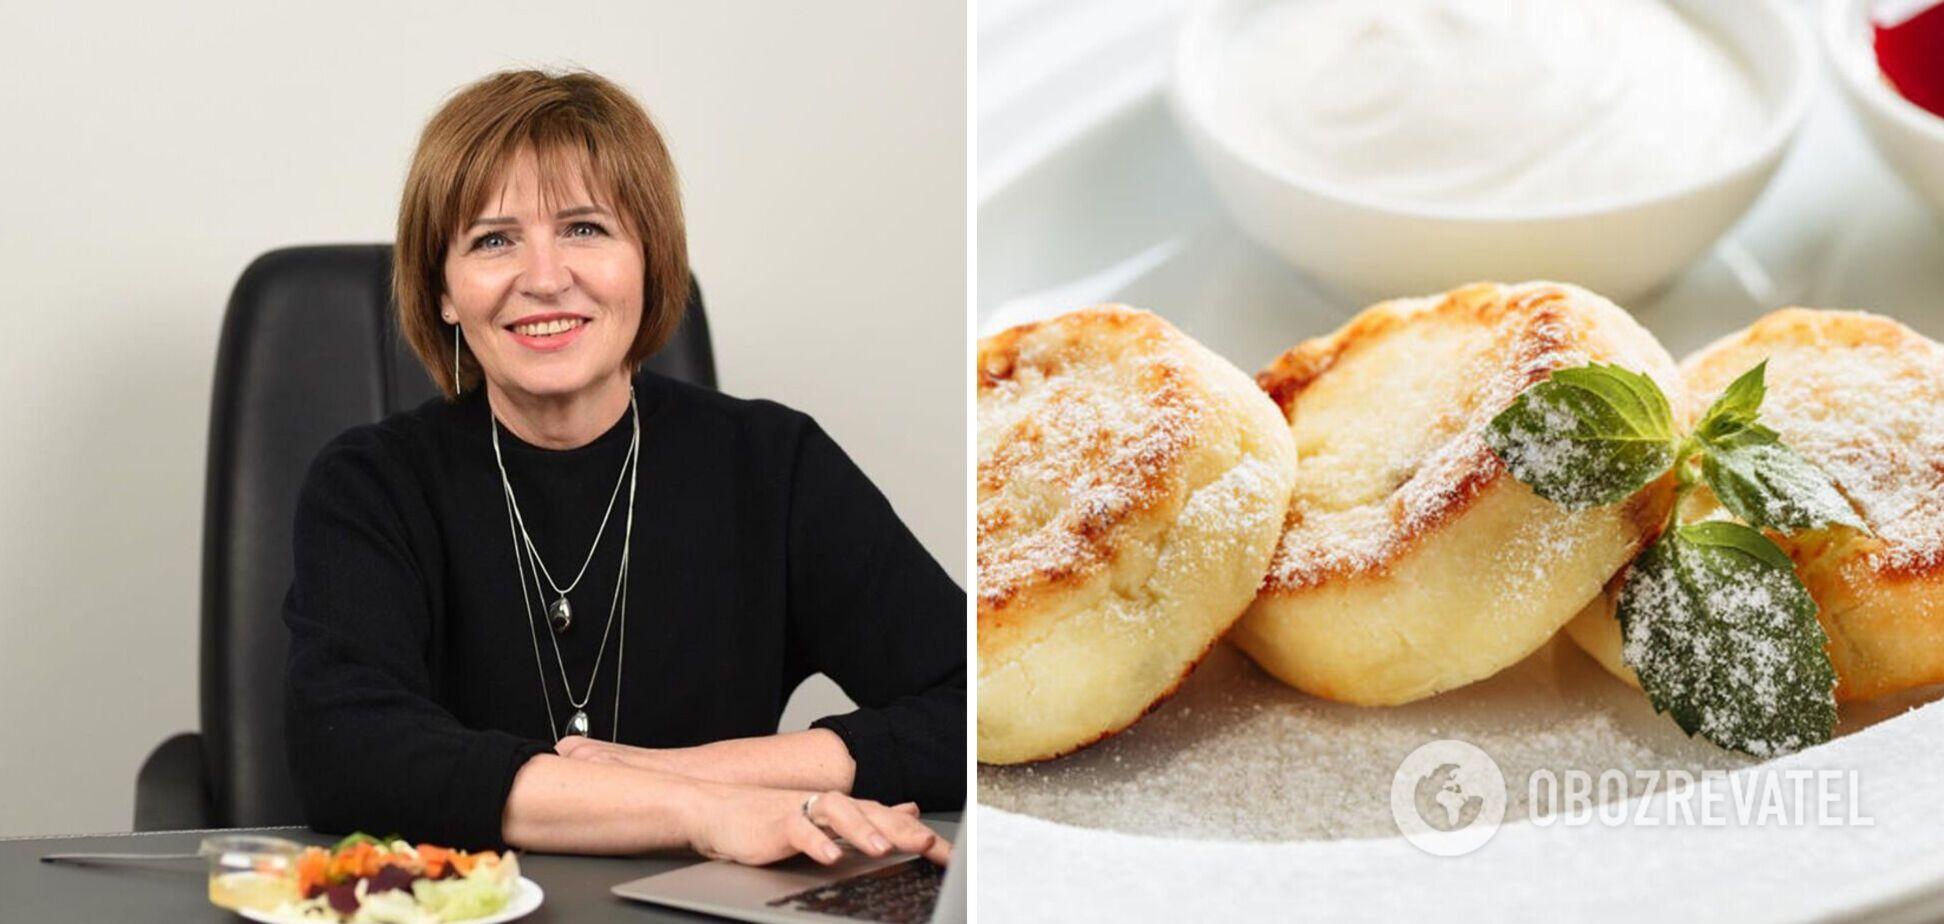 Светлана Фус поделилась рецептом диетических сырников с кокосом